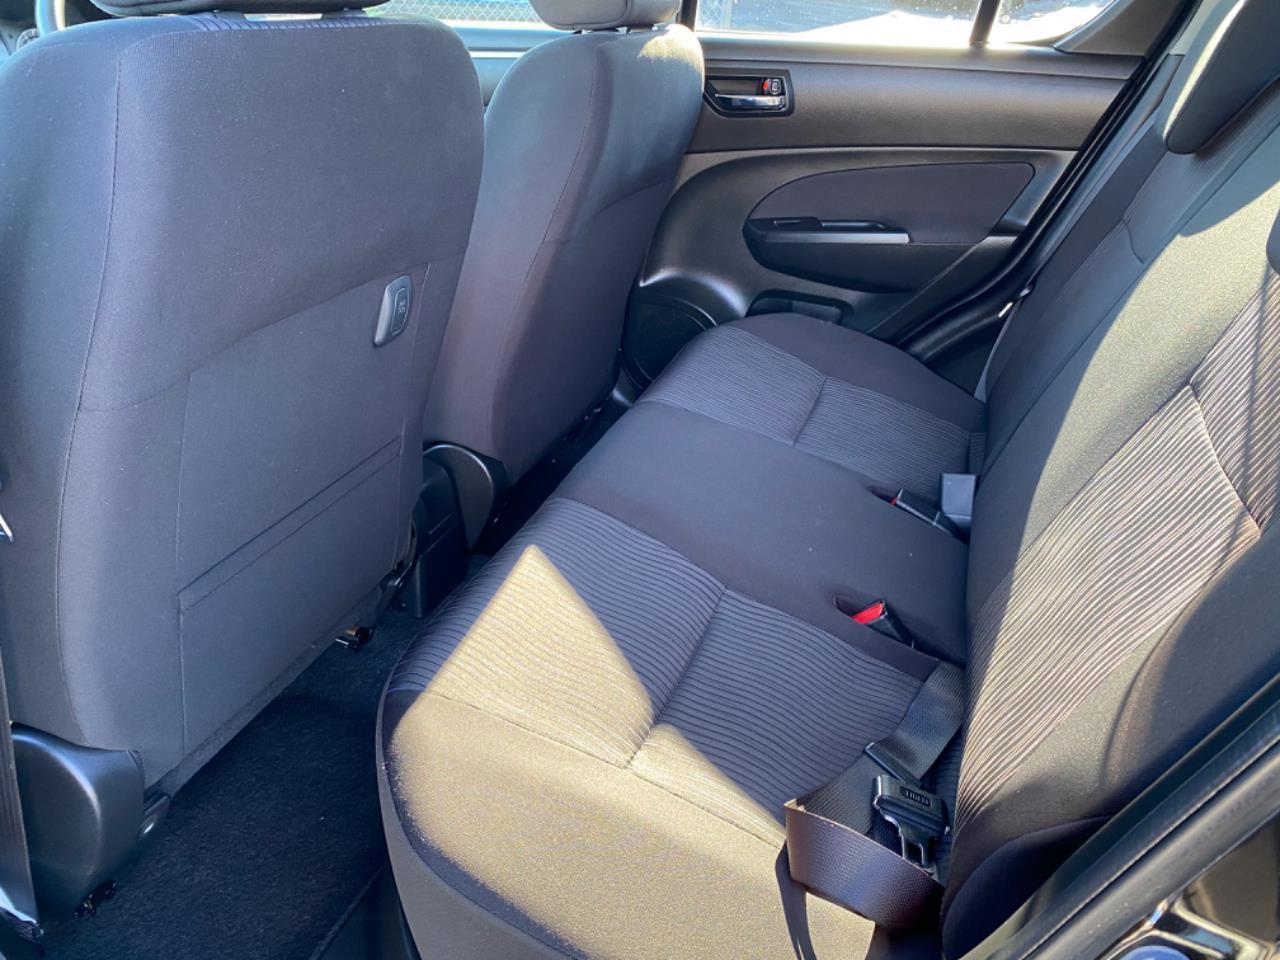 image-15, 2010 Suzuki Swift 1.2lt XL Hatchback at Christchurch